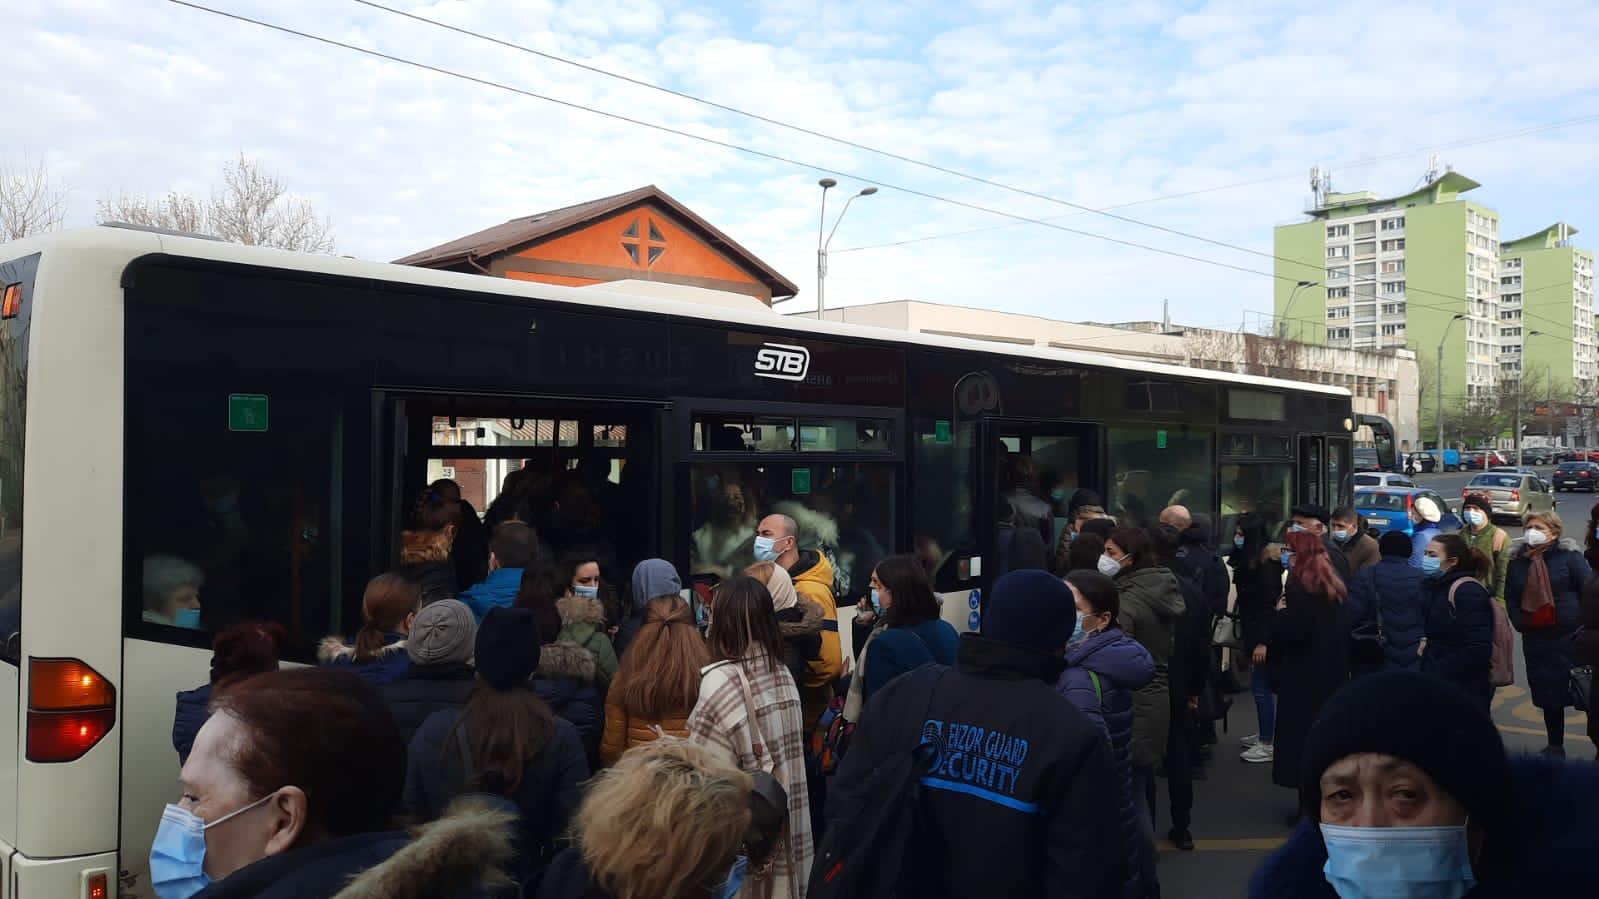 Aglomerație în stațiile STB. Oamenii au ales autobuzele după ce metroul a fost blocat